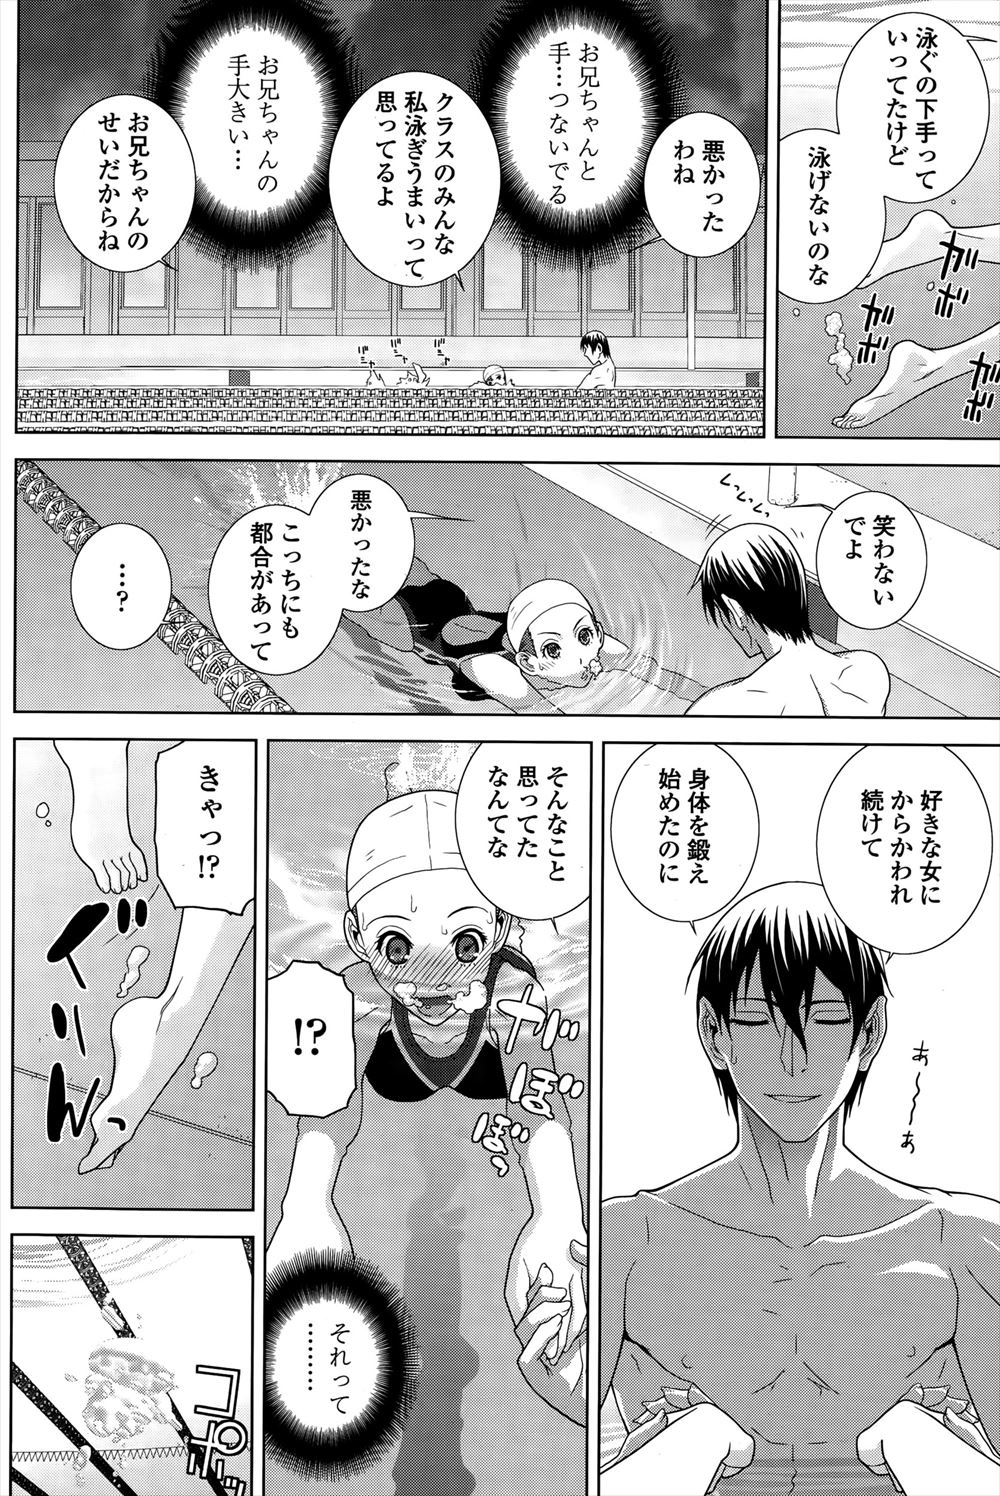 【エロ漫画・エロ同人】イケメンお兄ちゃんがプールで義妹に告ってエッチ始めちゃったwプールの中で中出しセックスってwww (6)